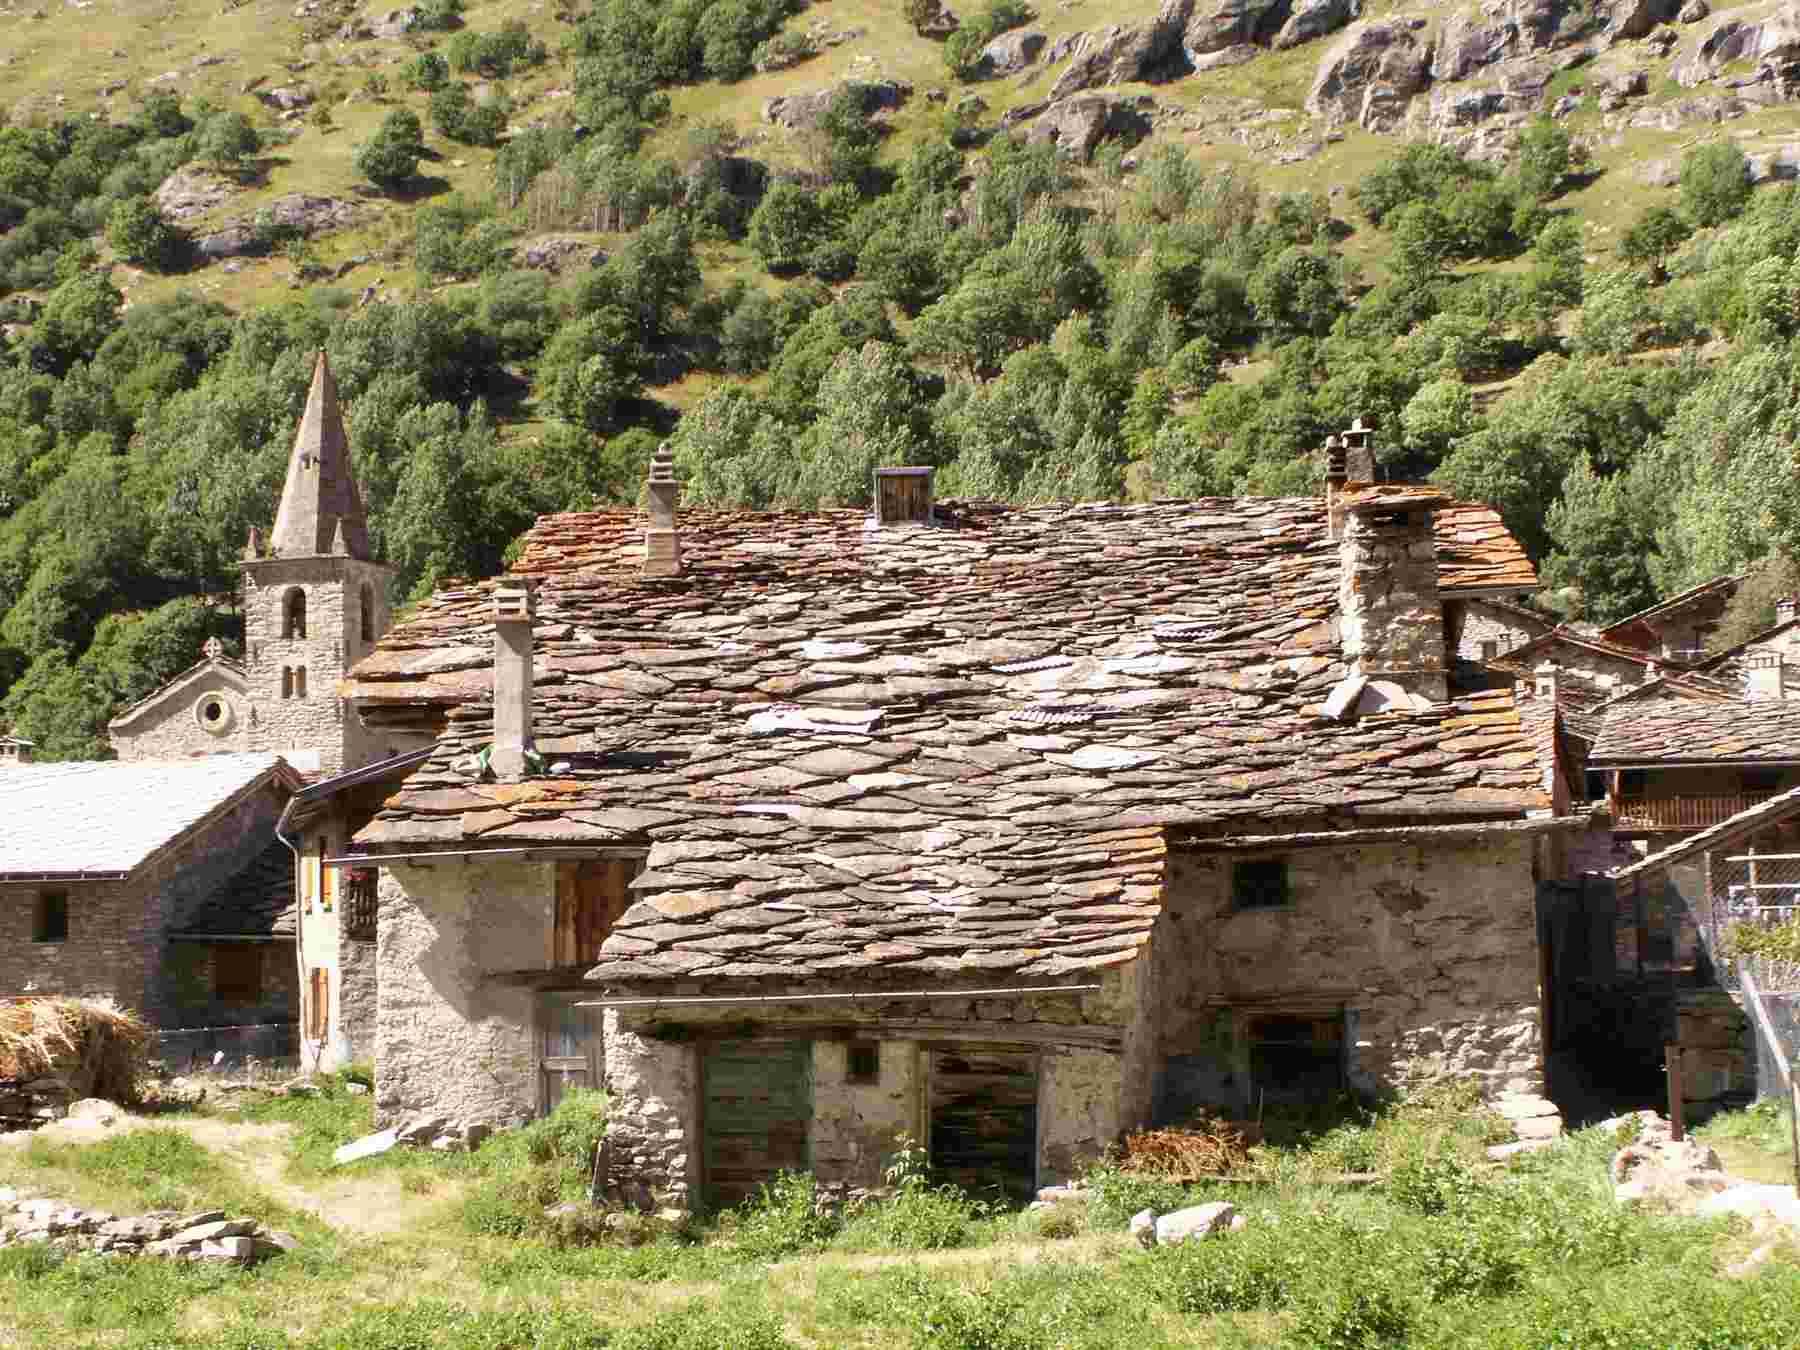 Tour de France virtuel - Les Plus Beaux Villages de France Pict0012